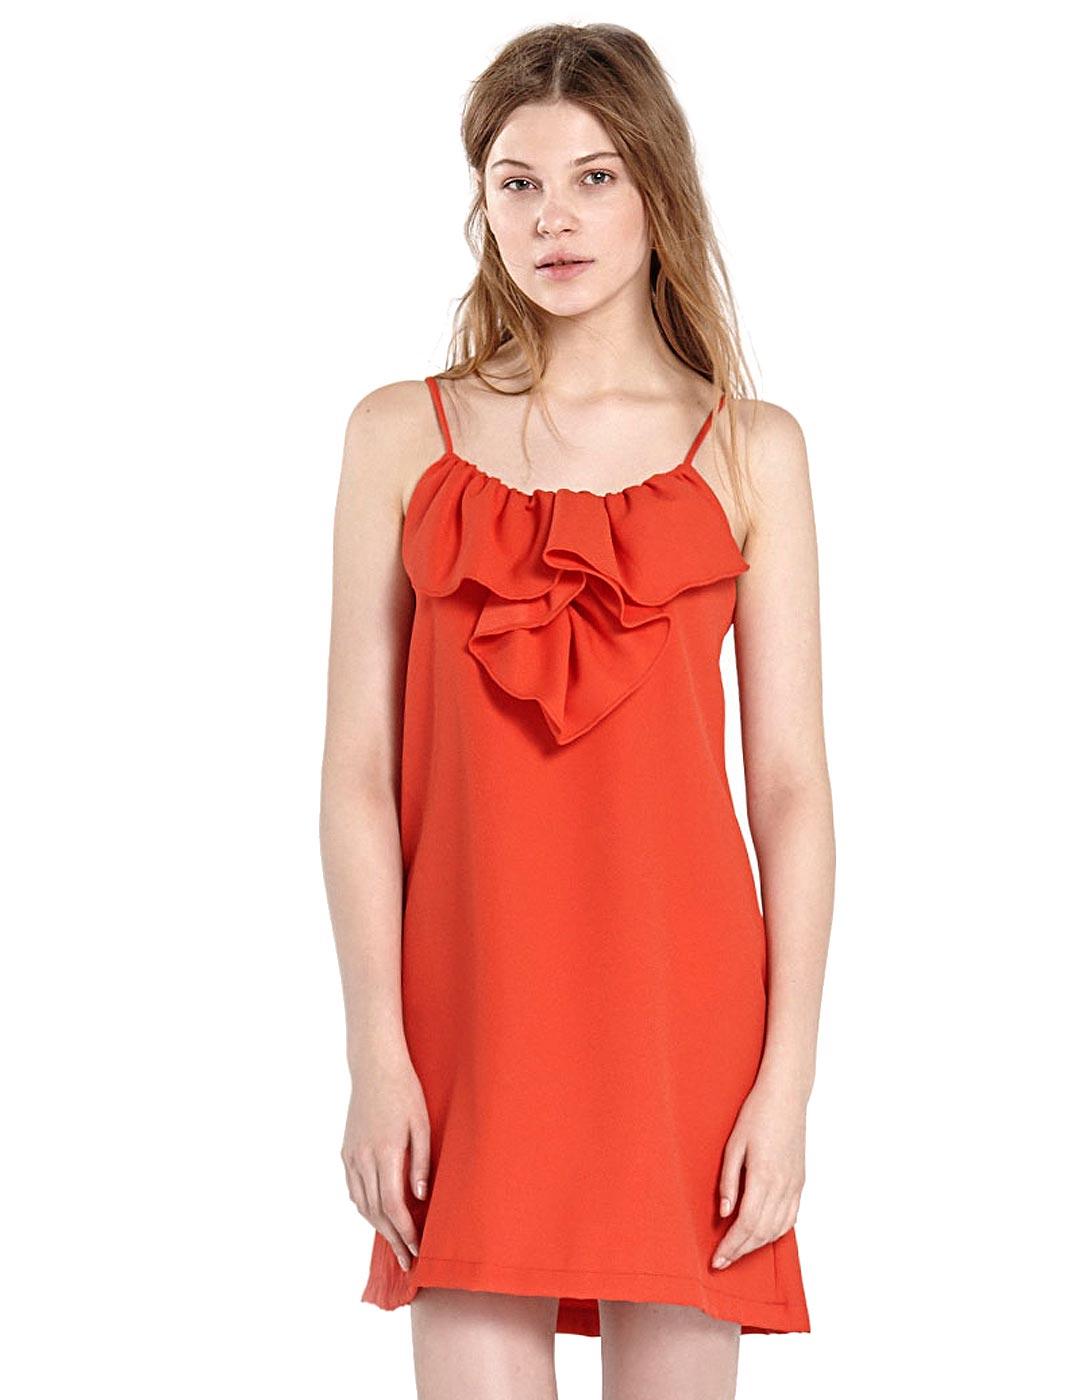 Red dress by Compañía Fantástica